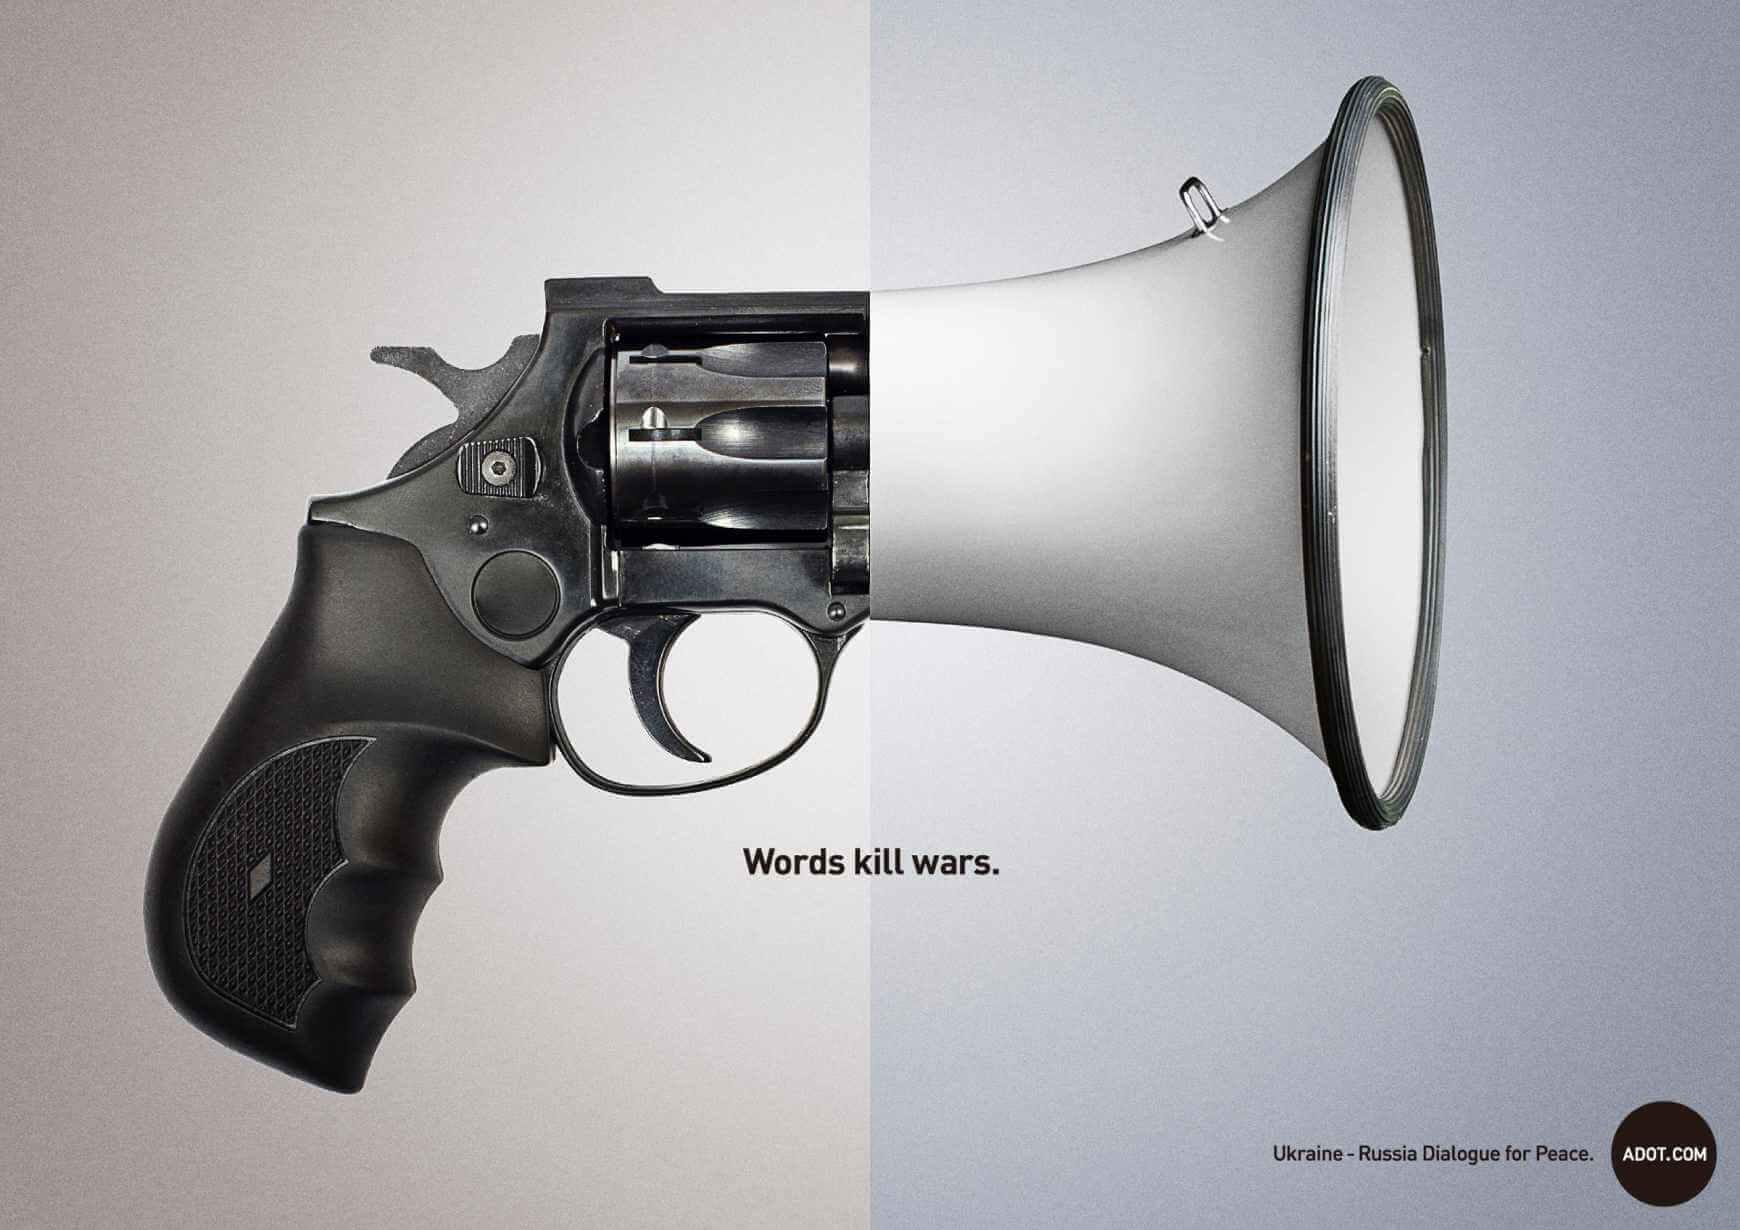 #CuandoLaPublicidad: No se queda callada.